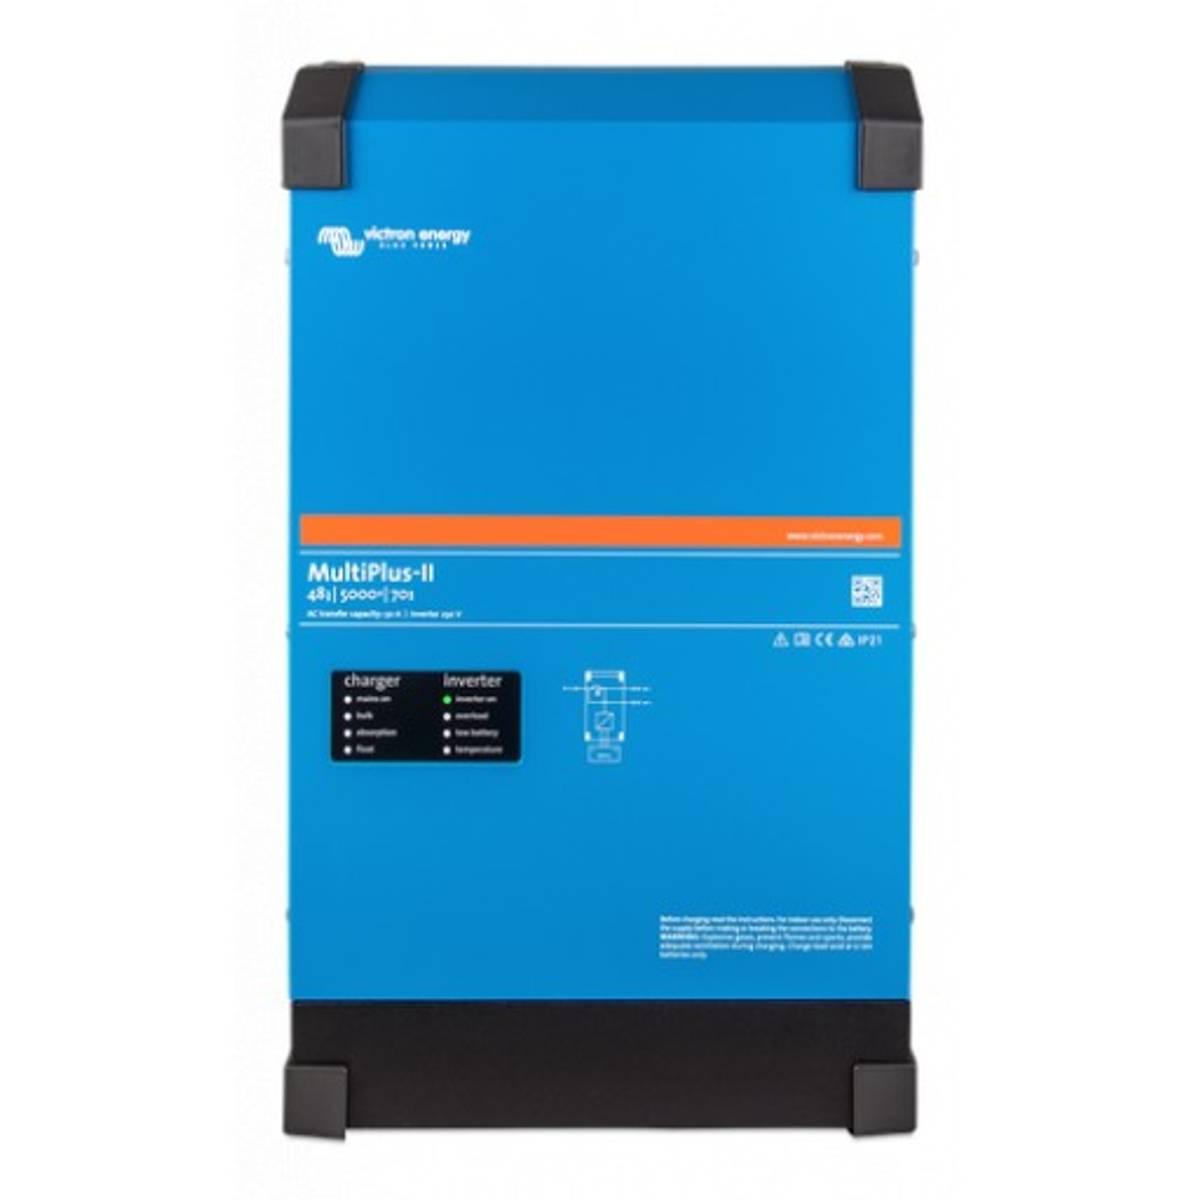 VICTRON Multiplus-II 48/8000/110-100 kombi inverter og lader